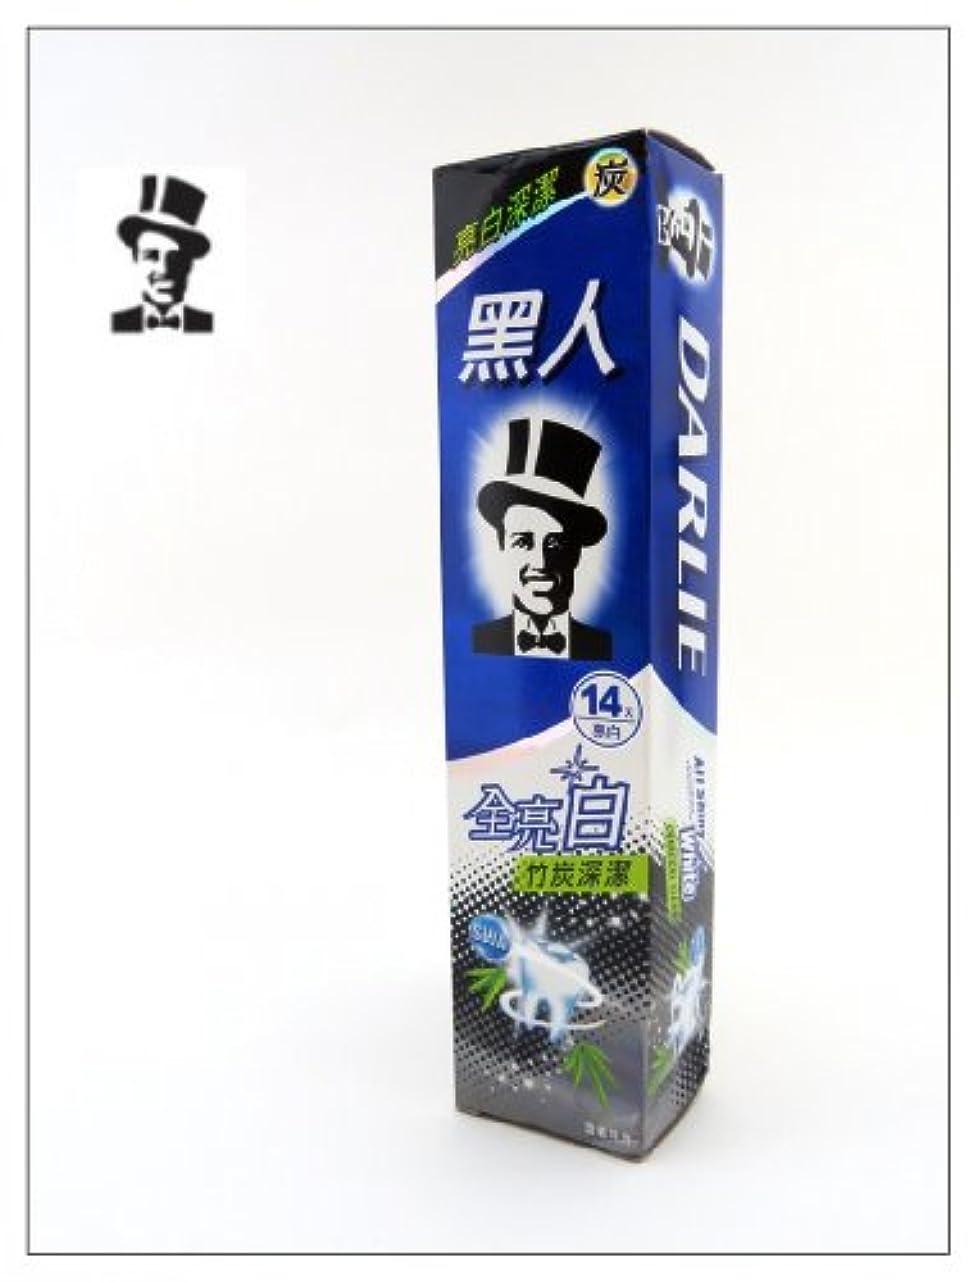 環境法的レキシコン黒人 歯磨き 全亮白竹炭深潔 140g 台湾製